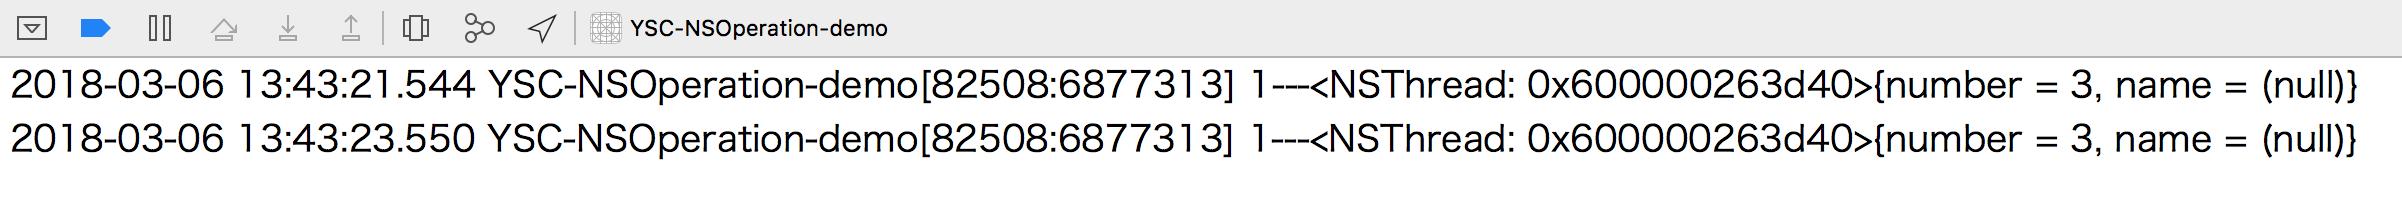 1877784-3a5b4d58d70a9129.png